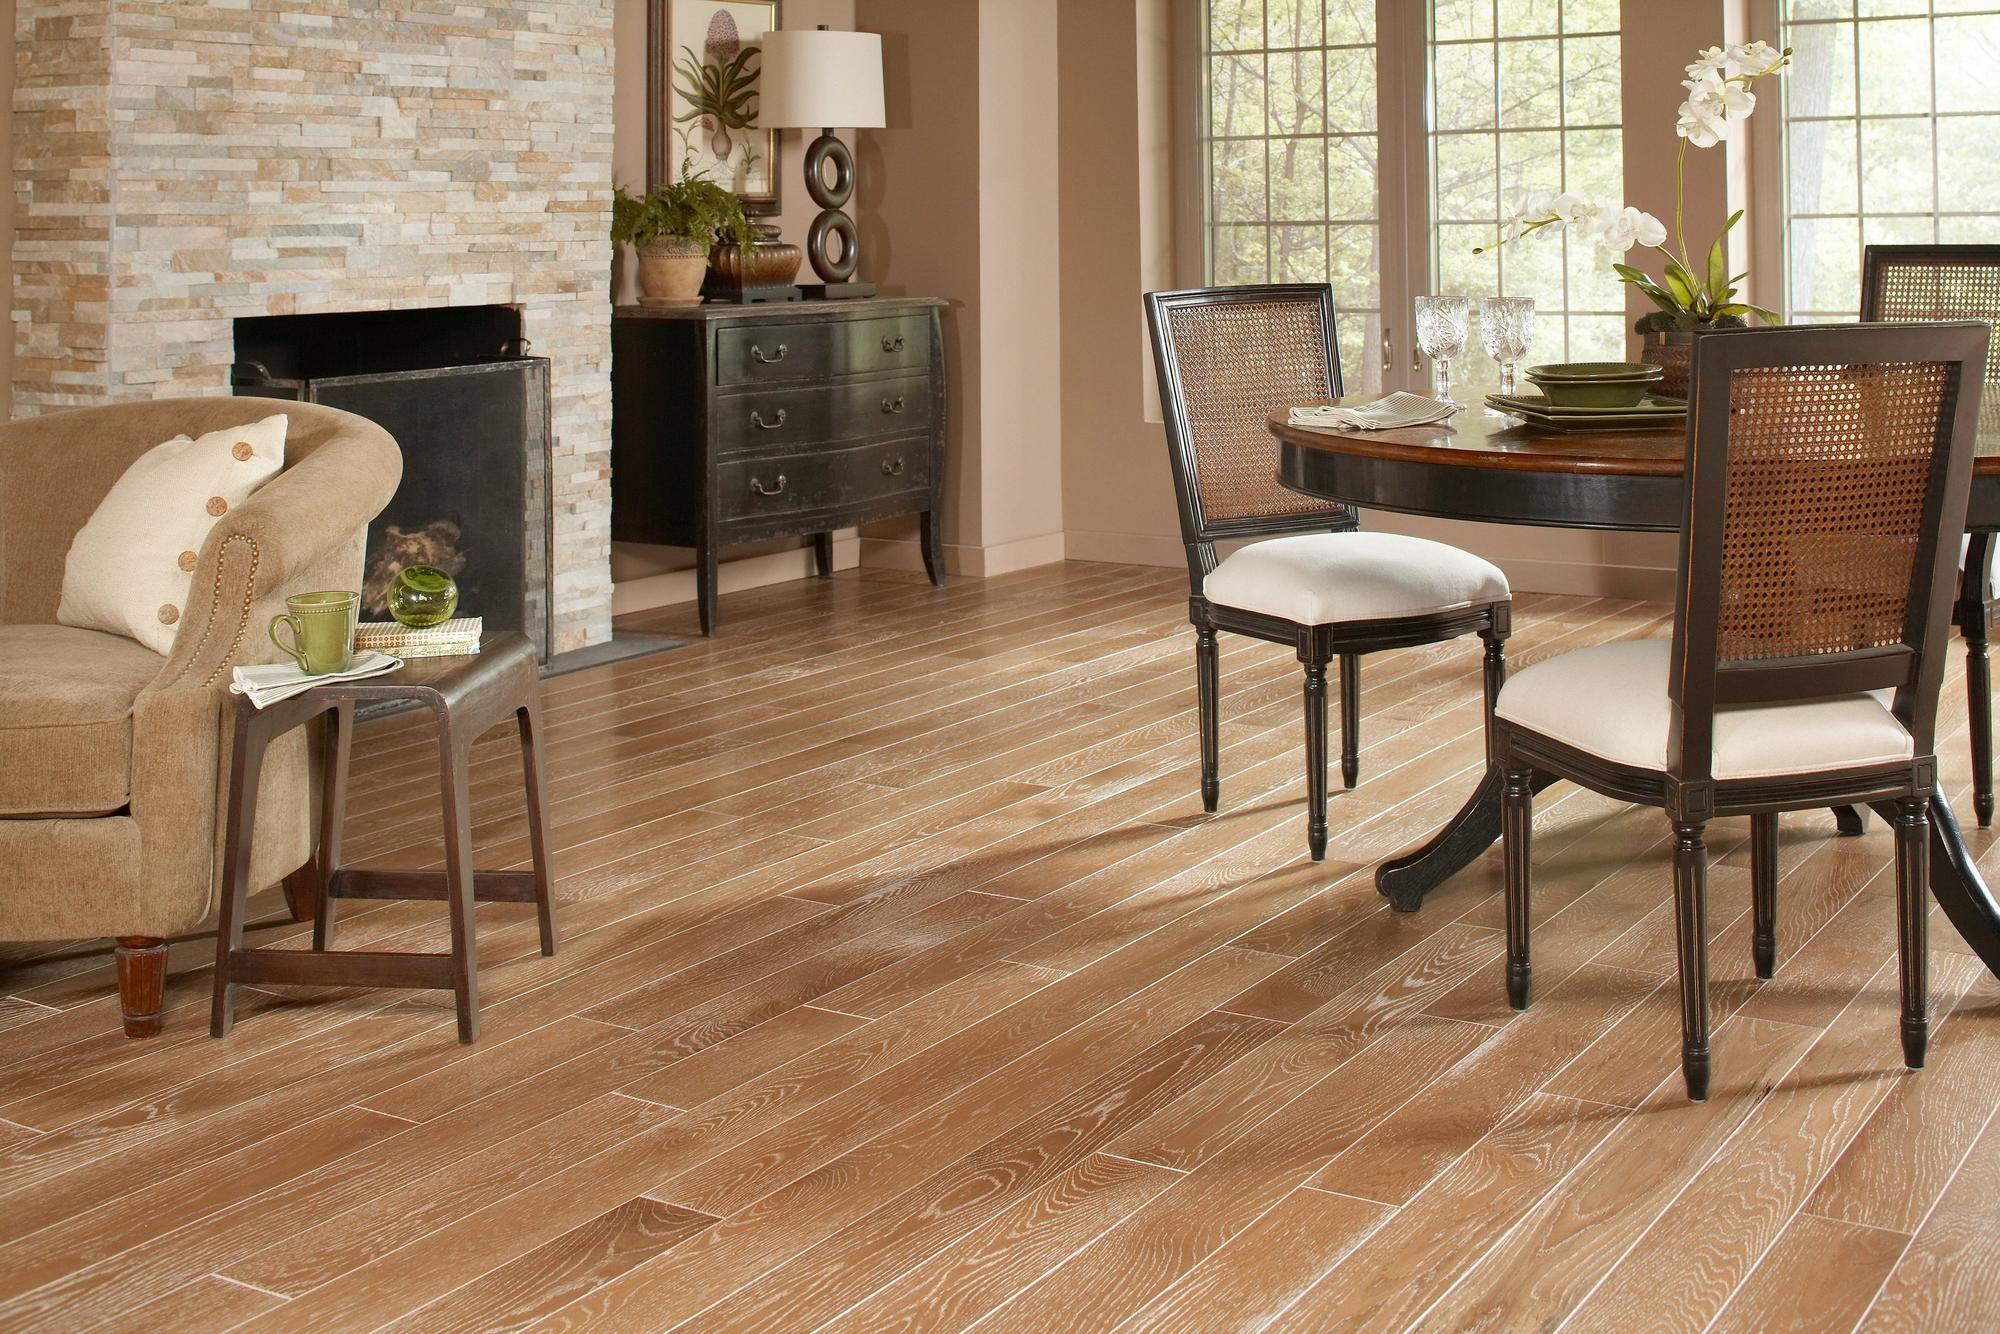 Solid Hardwood Flooring Floor Decor Flooring Hardwood